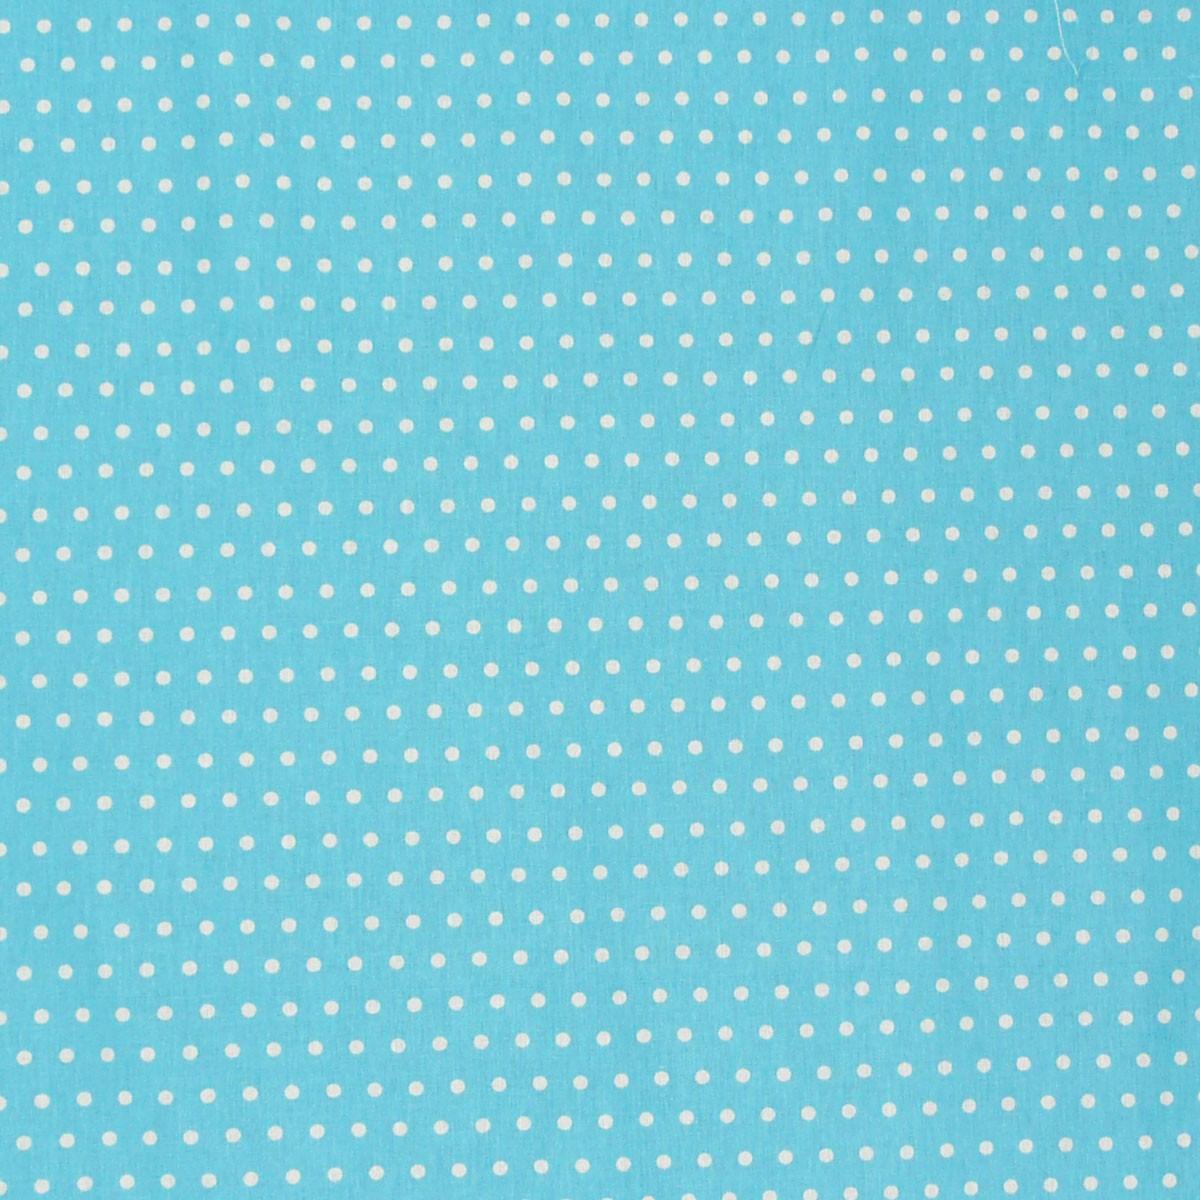 Baumwollstoff blau Punkte klein weiß Dekostoff